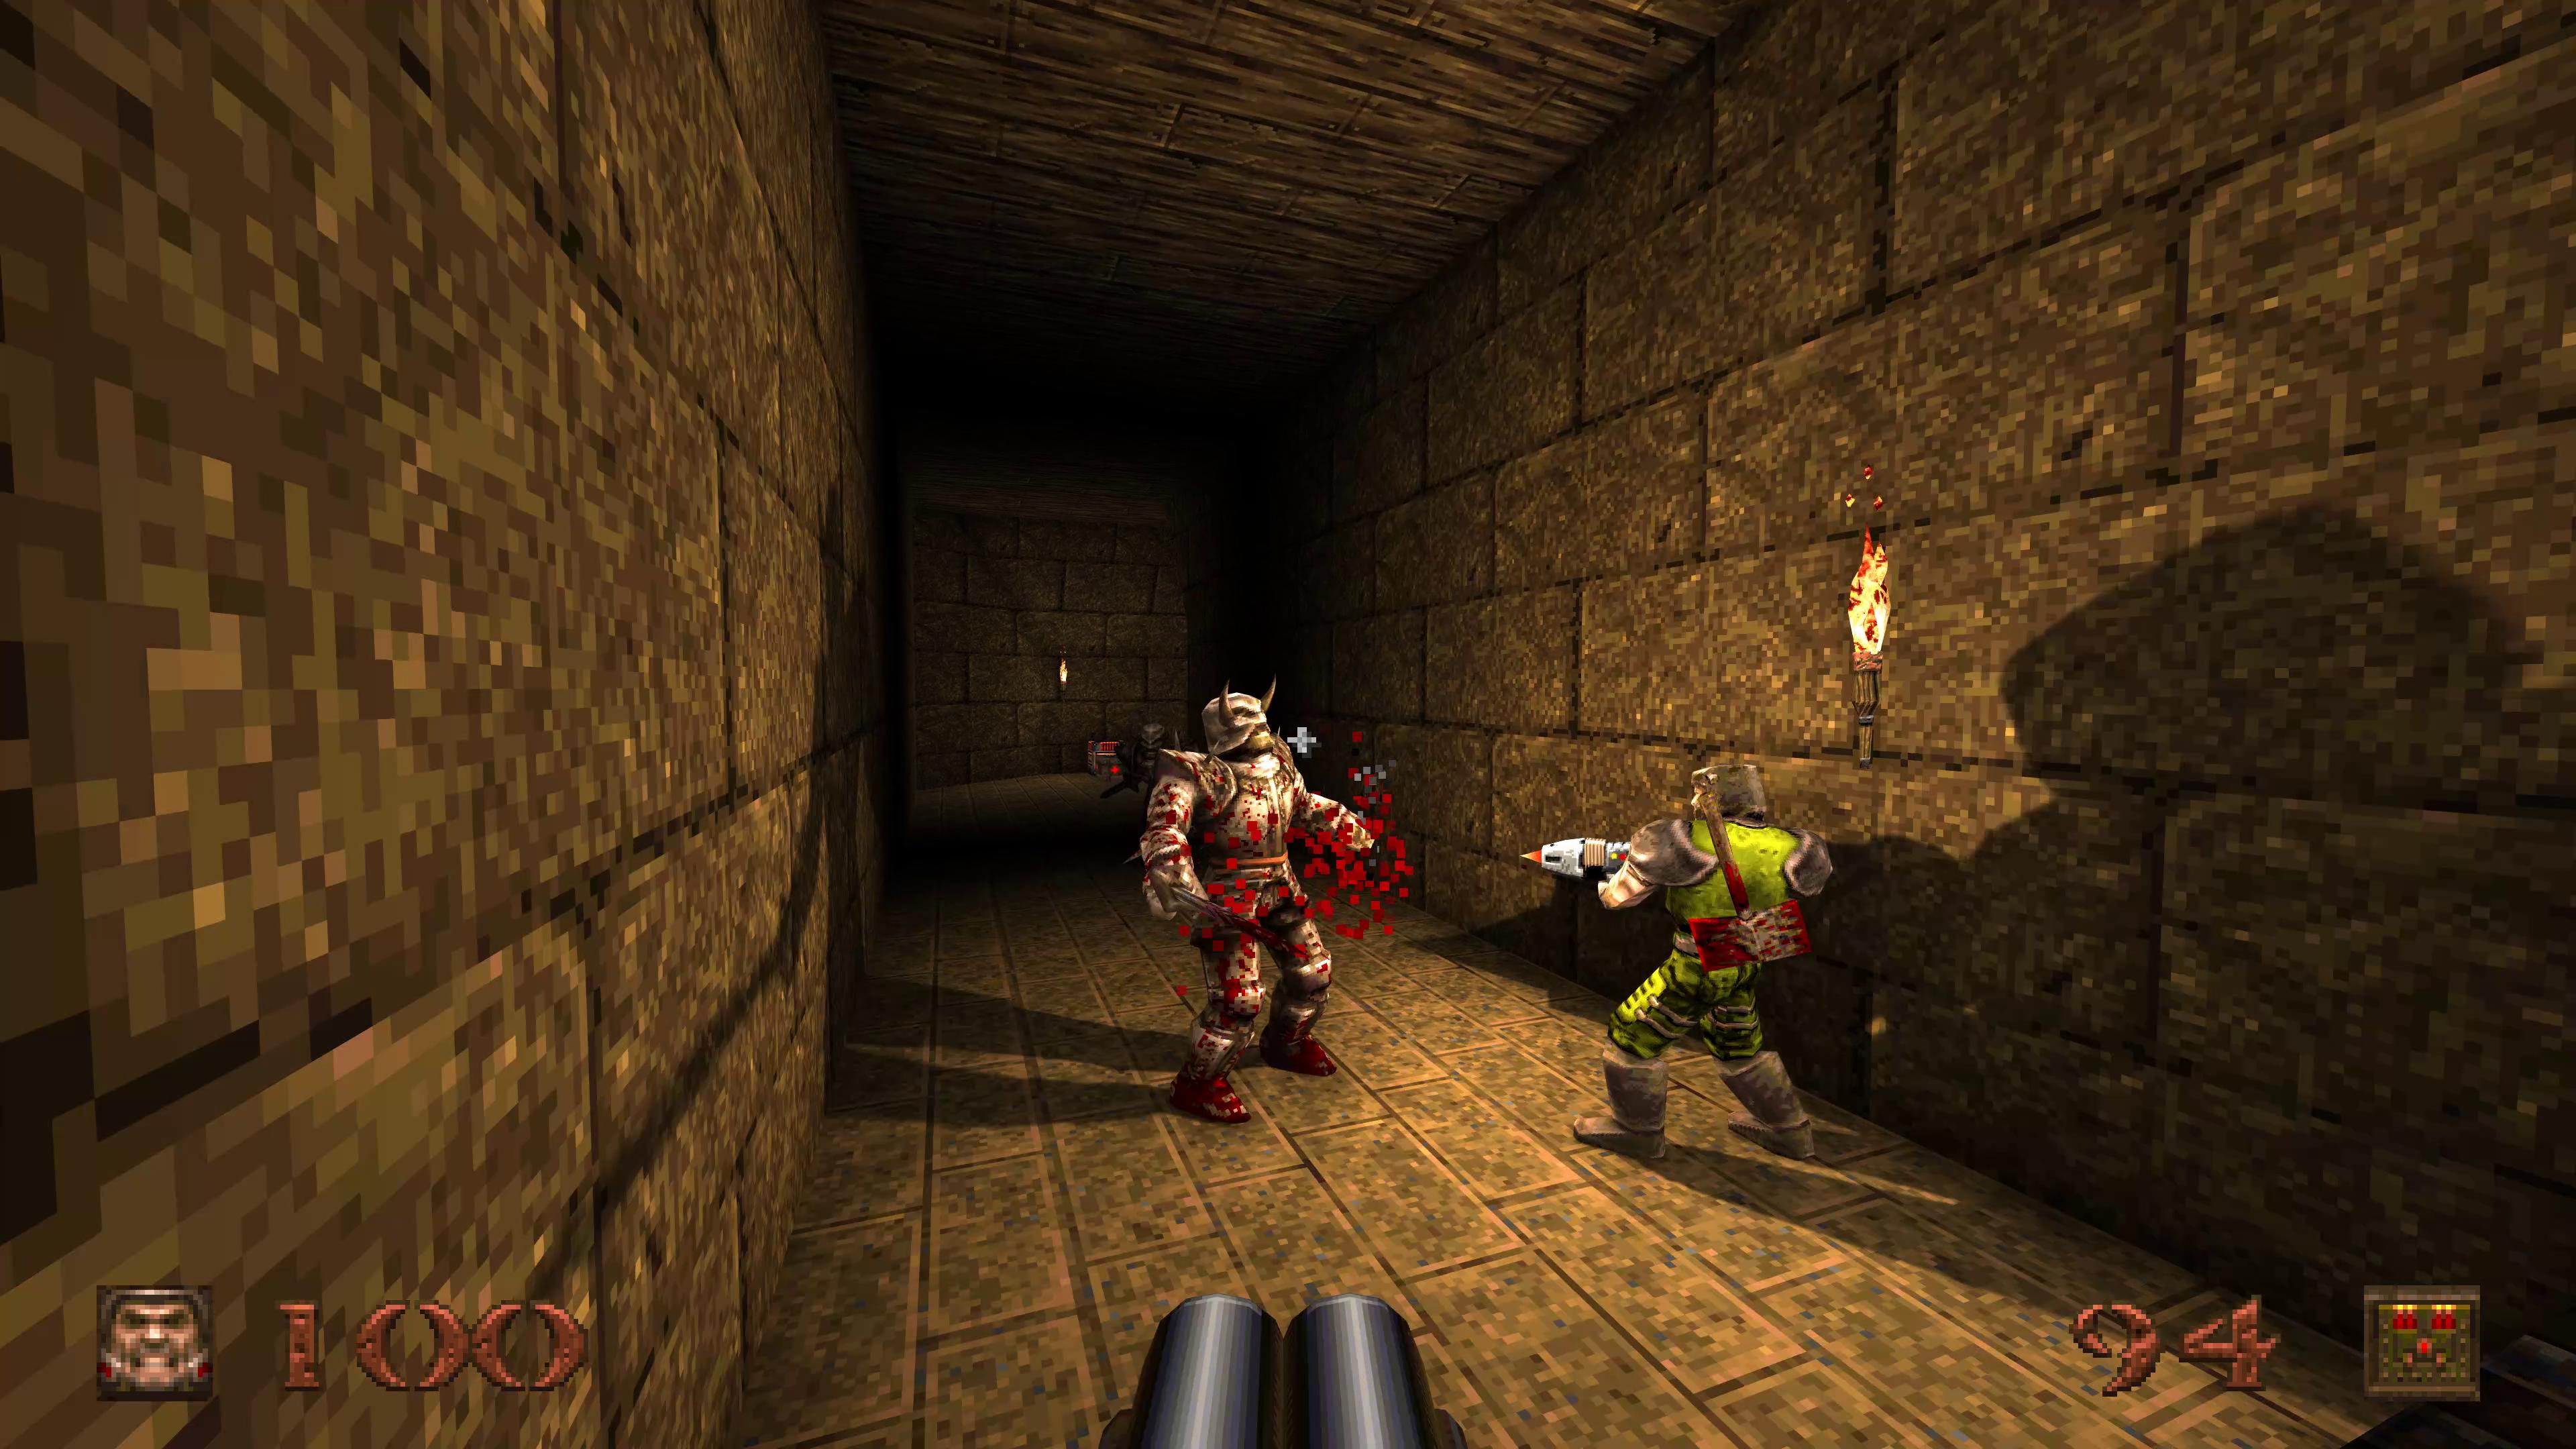 Quake: Annunciata ufficialmente la remaster già disponibile su PC e console  - Stay Nerd